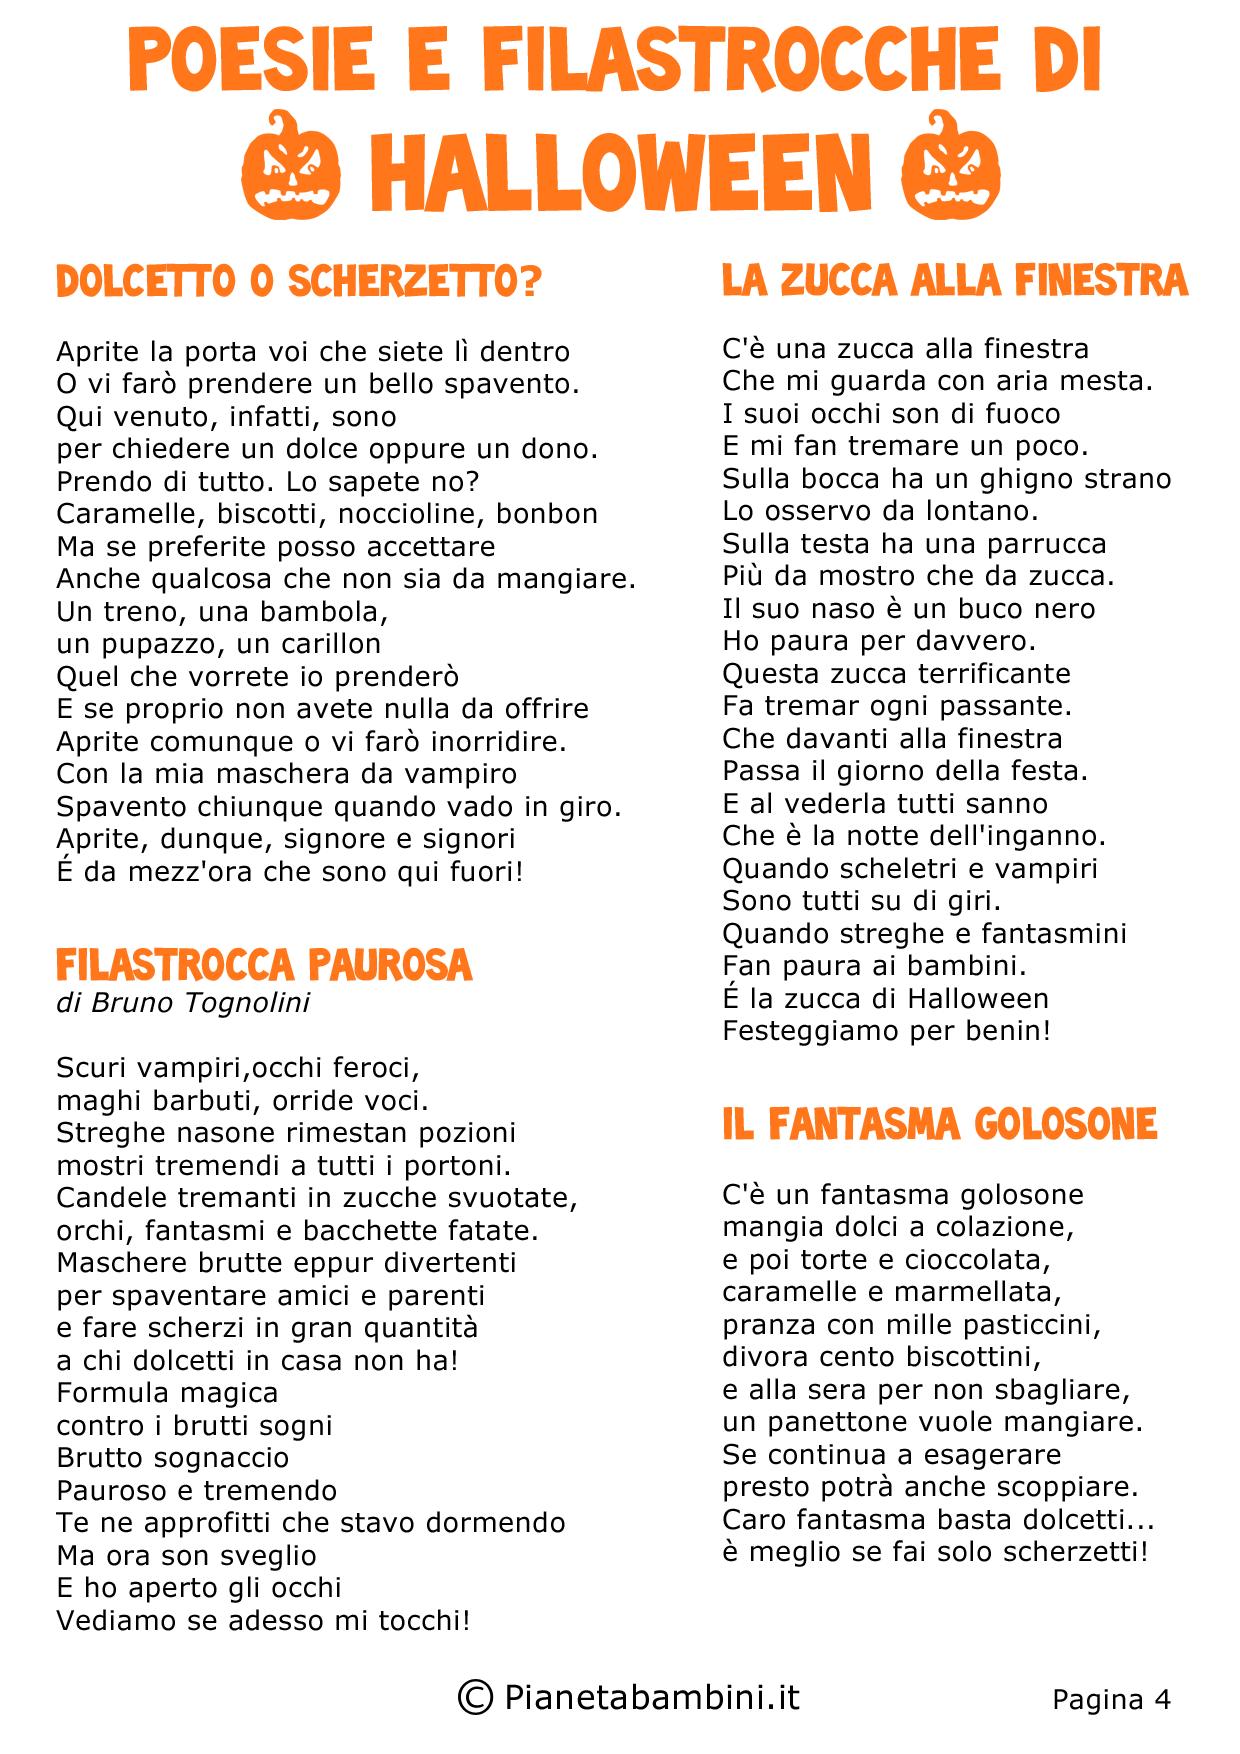 Poesie-Filastrocche-Halloween-4